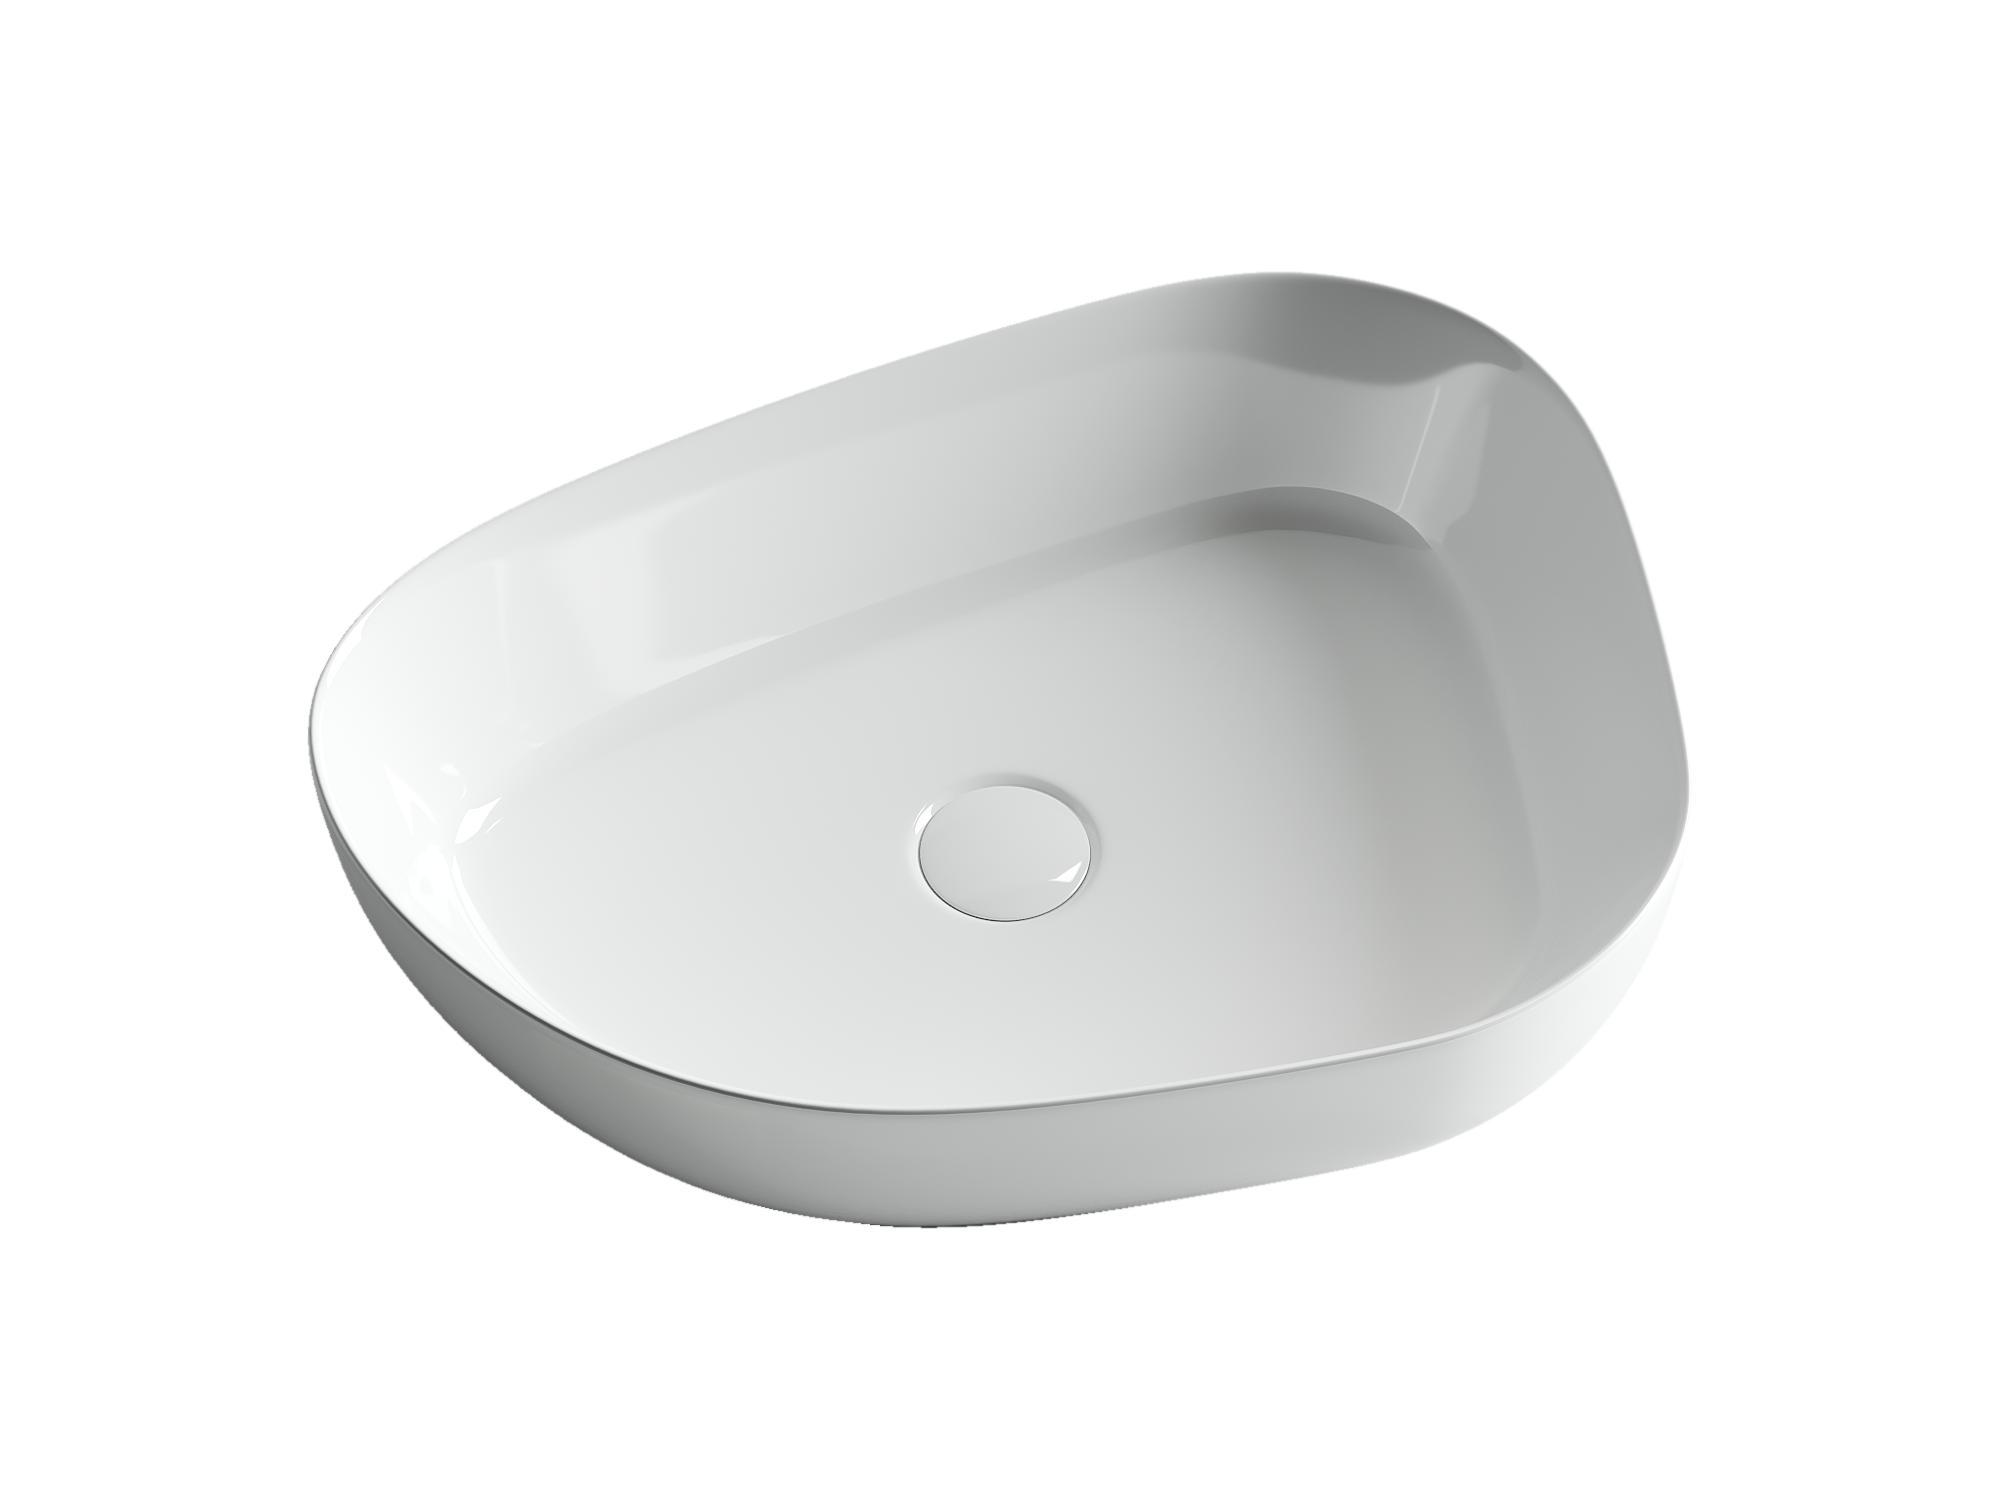 Умывальник чаша накладная ассиметричной формы Element 550*400*140мм